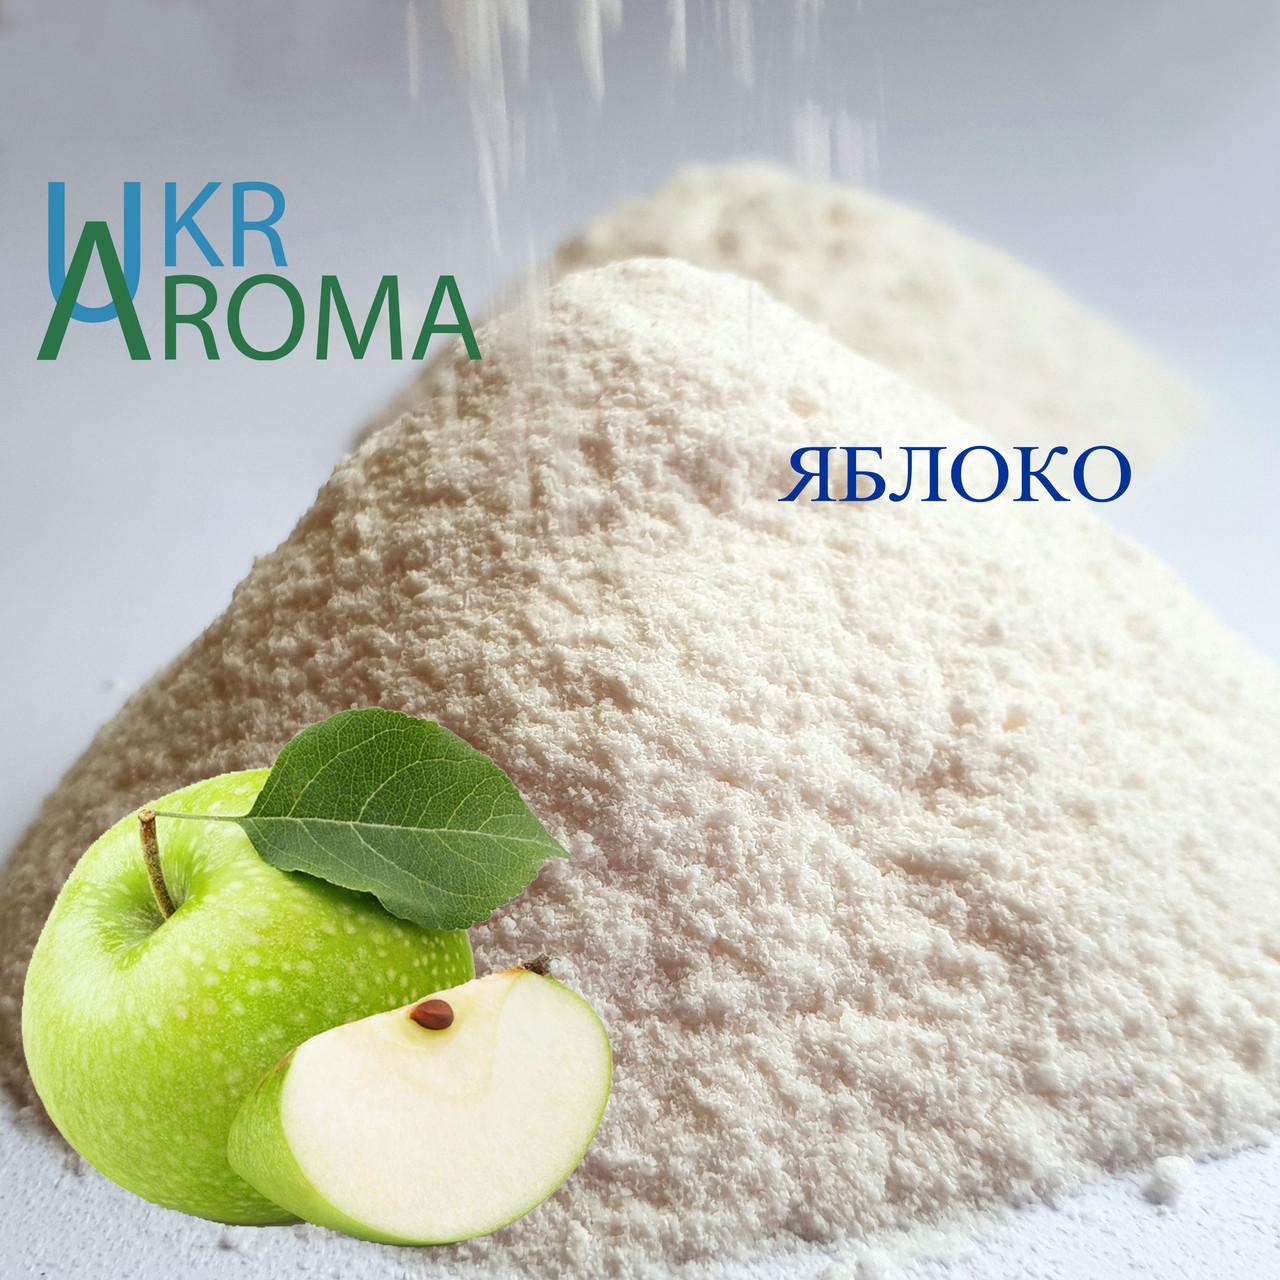 Яблоко аромат порошок 0318